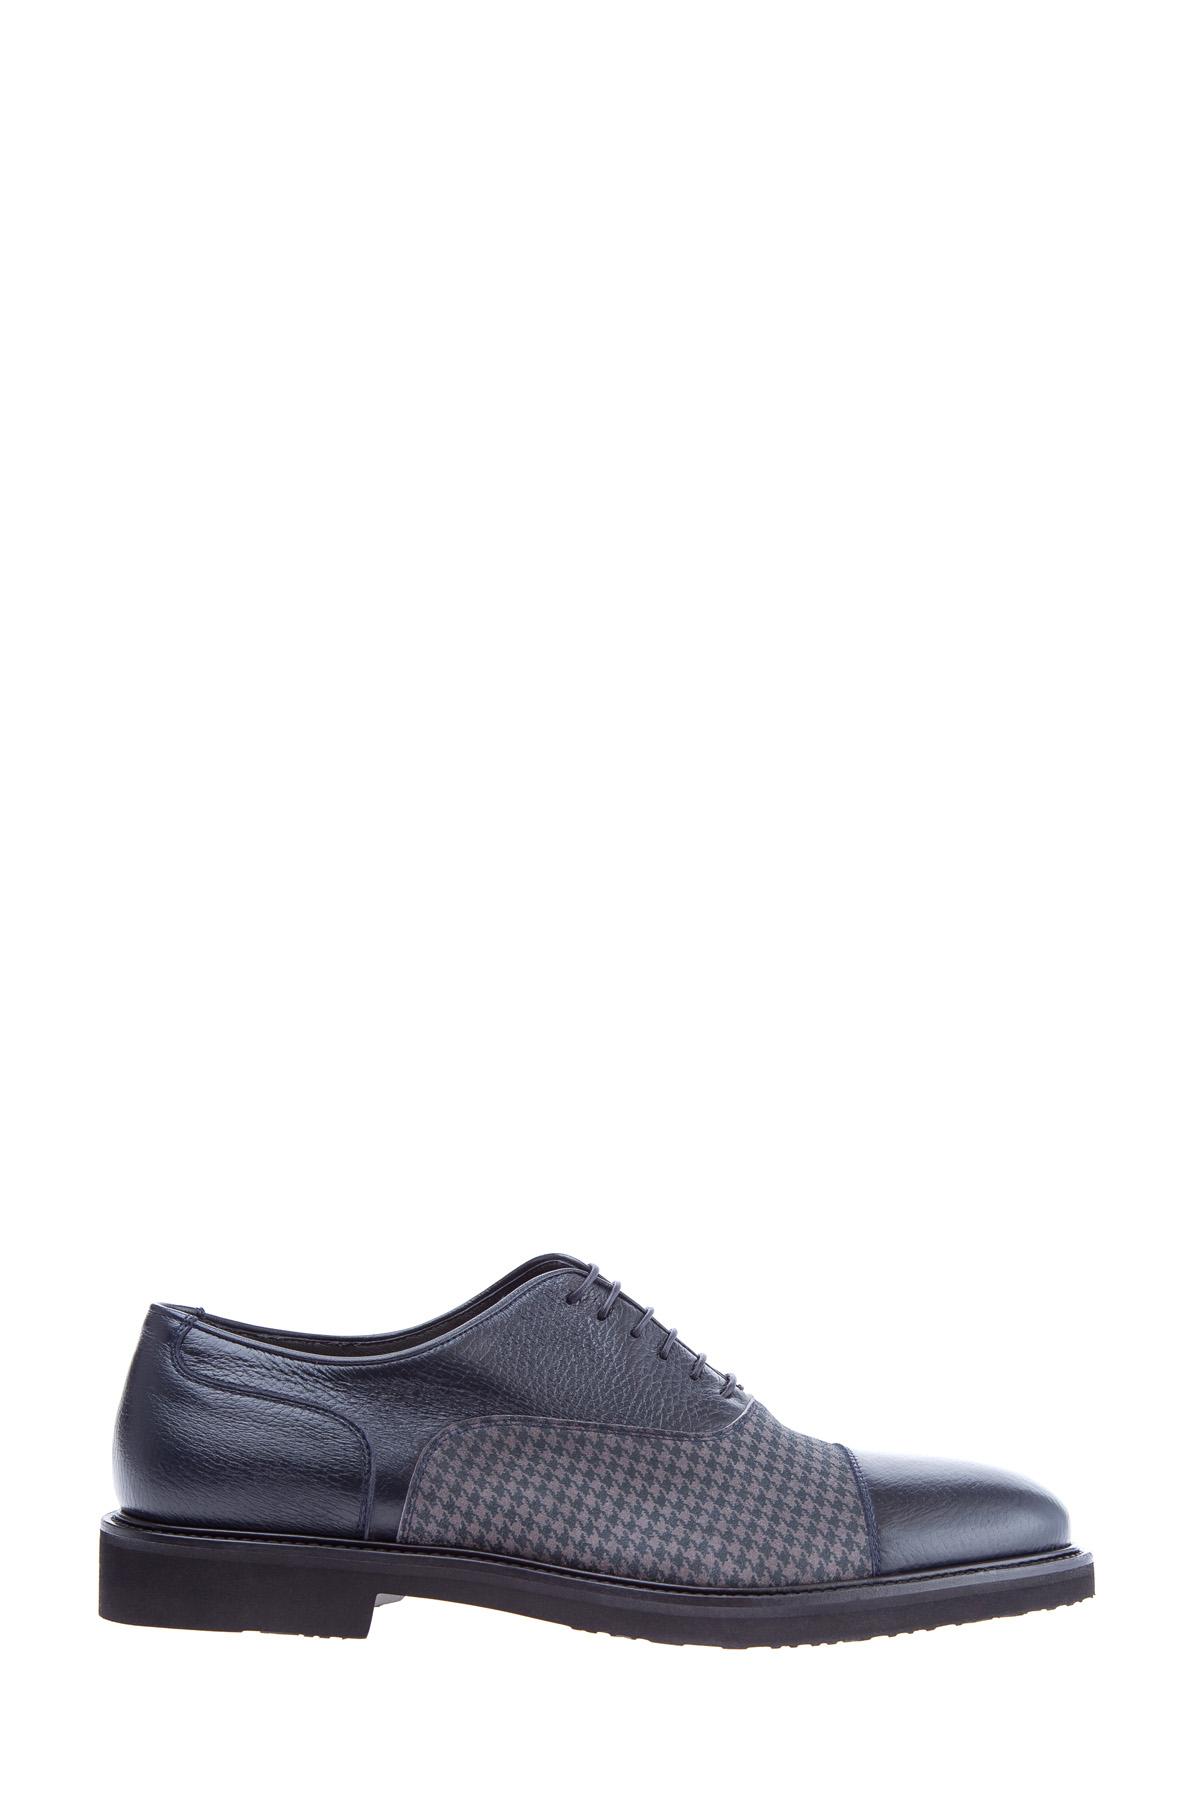 Купить Туфли, MORESCHI, Италия, кожа 100%, текстиль 100%